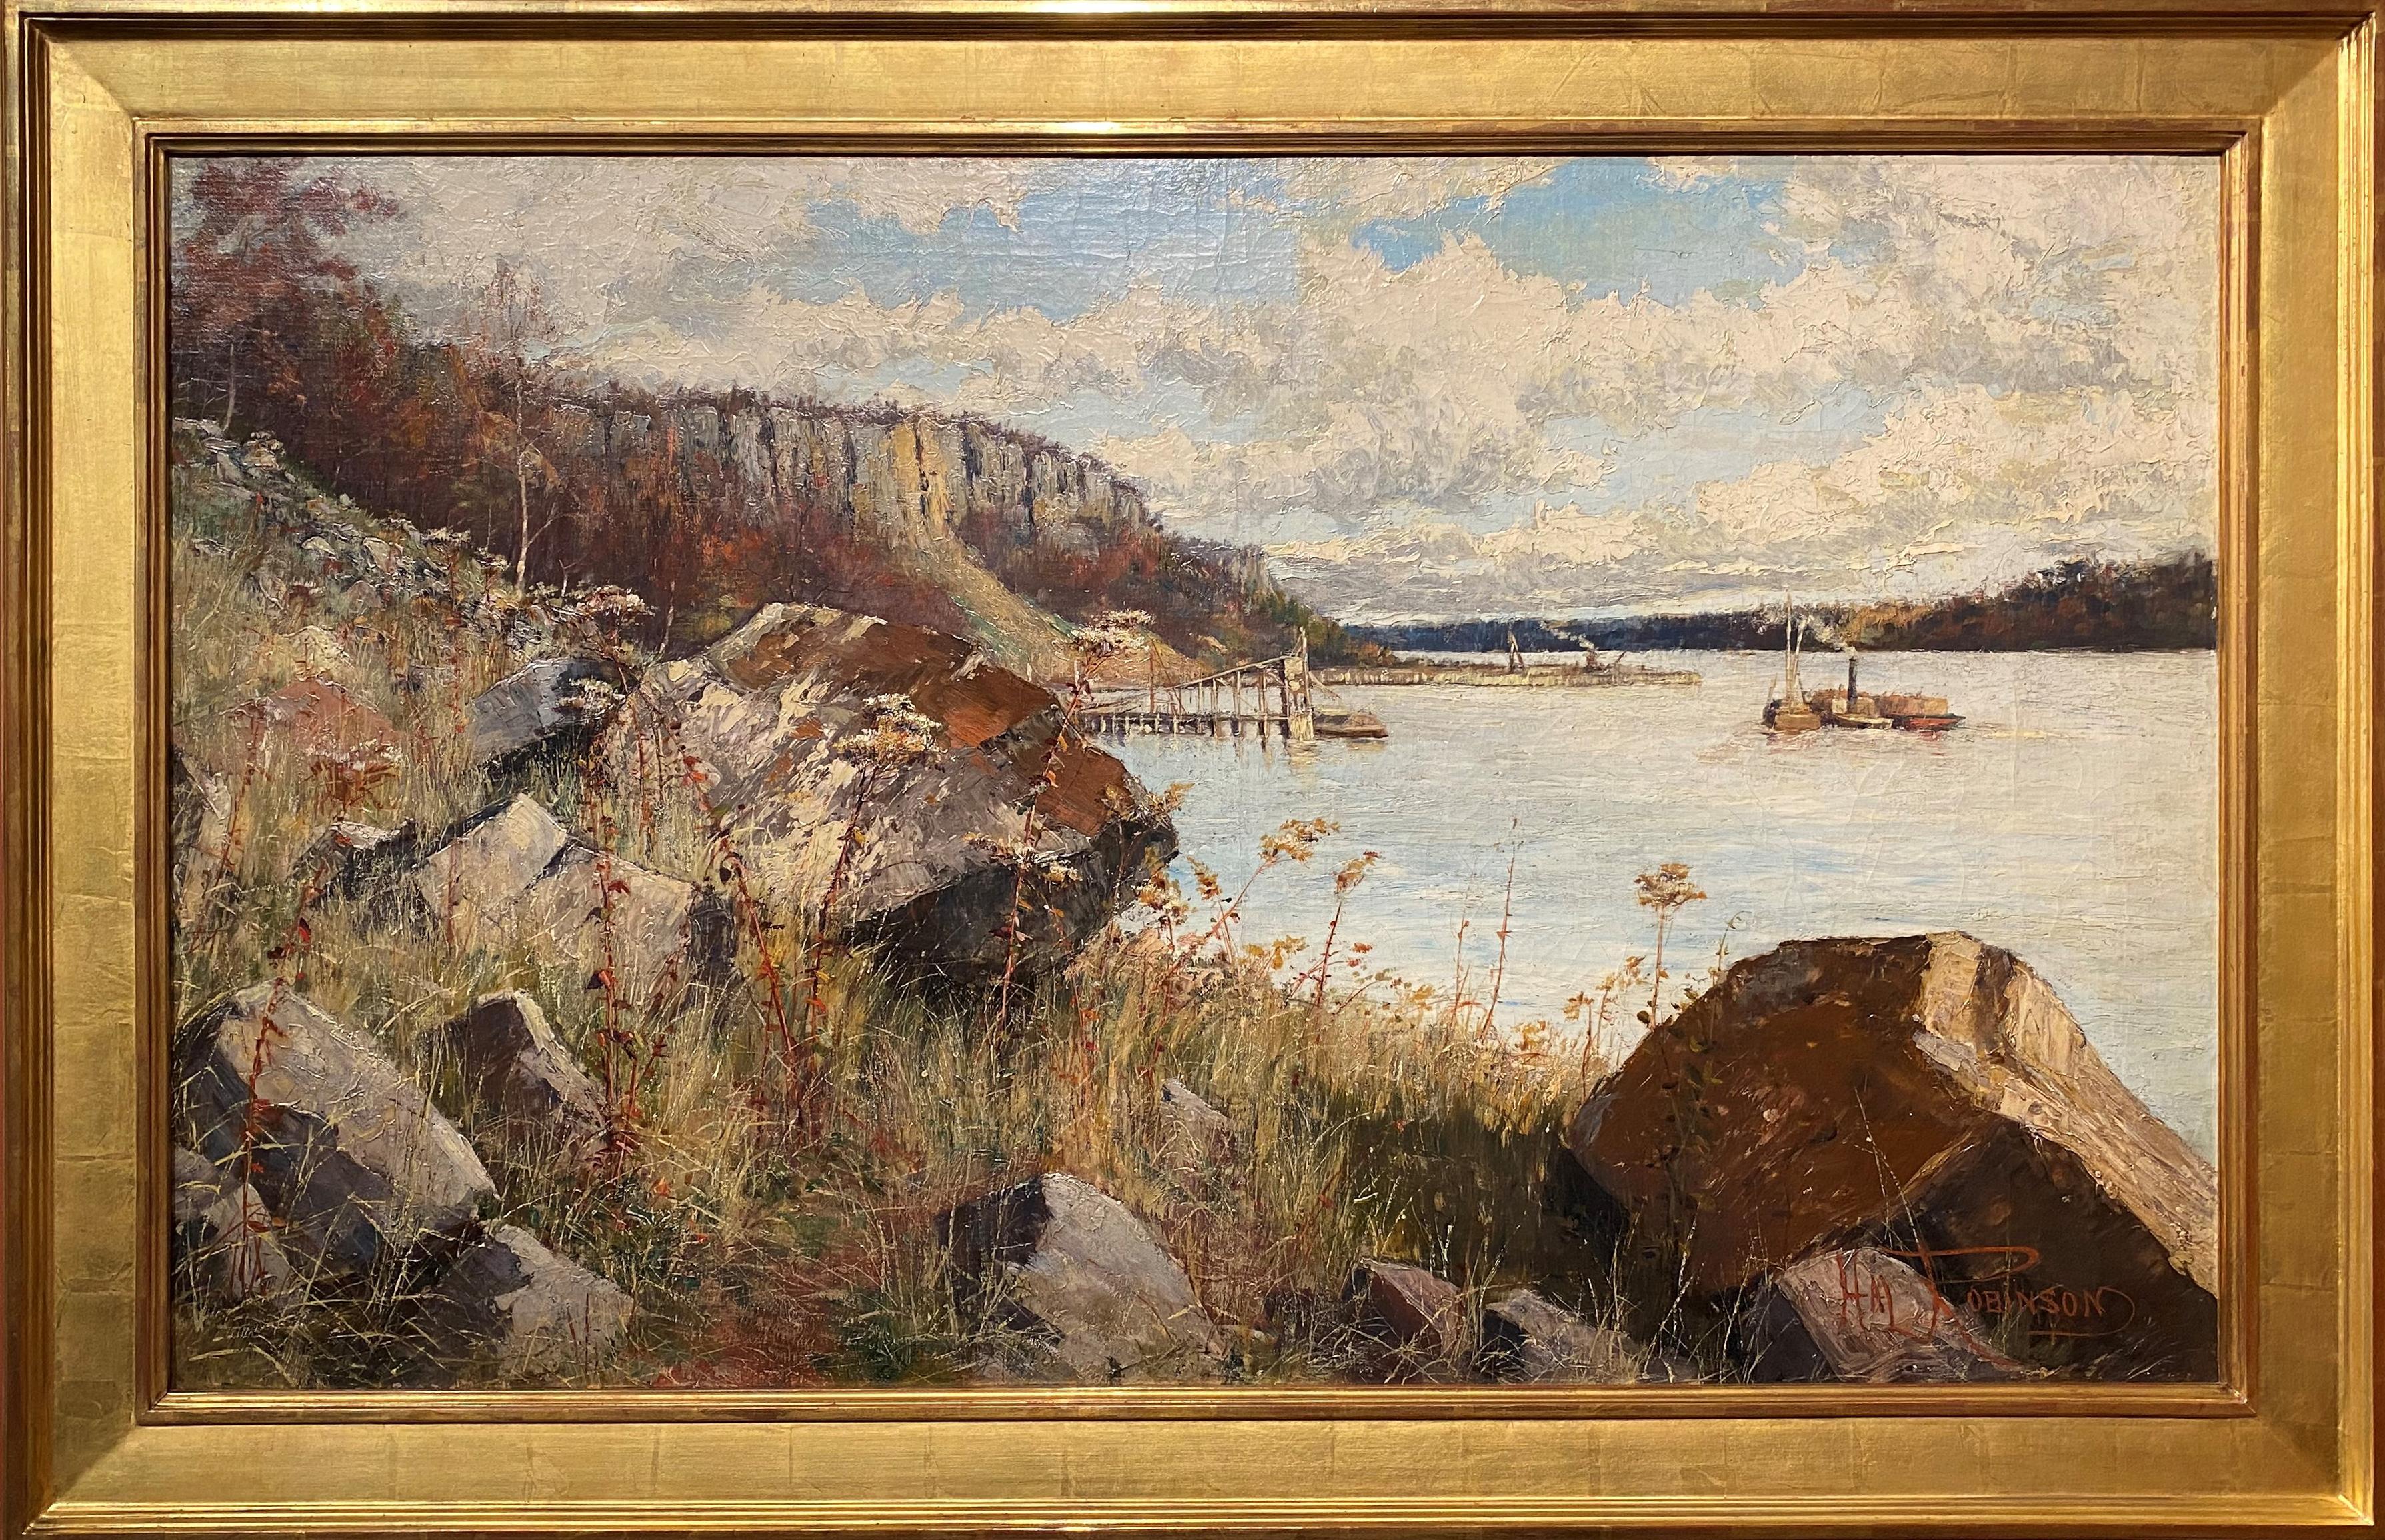 The Hudson River, Palisades